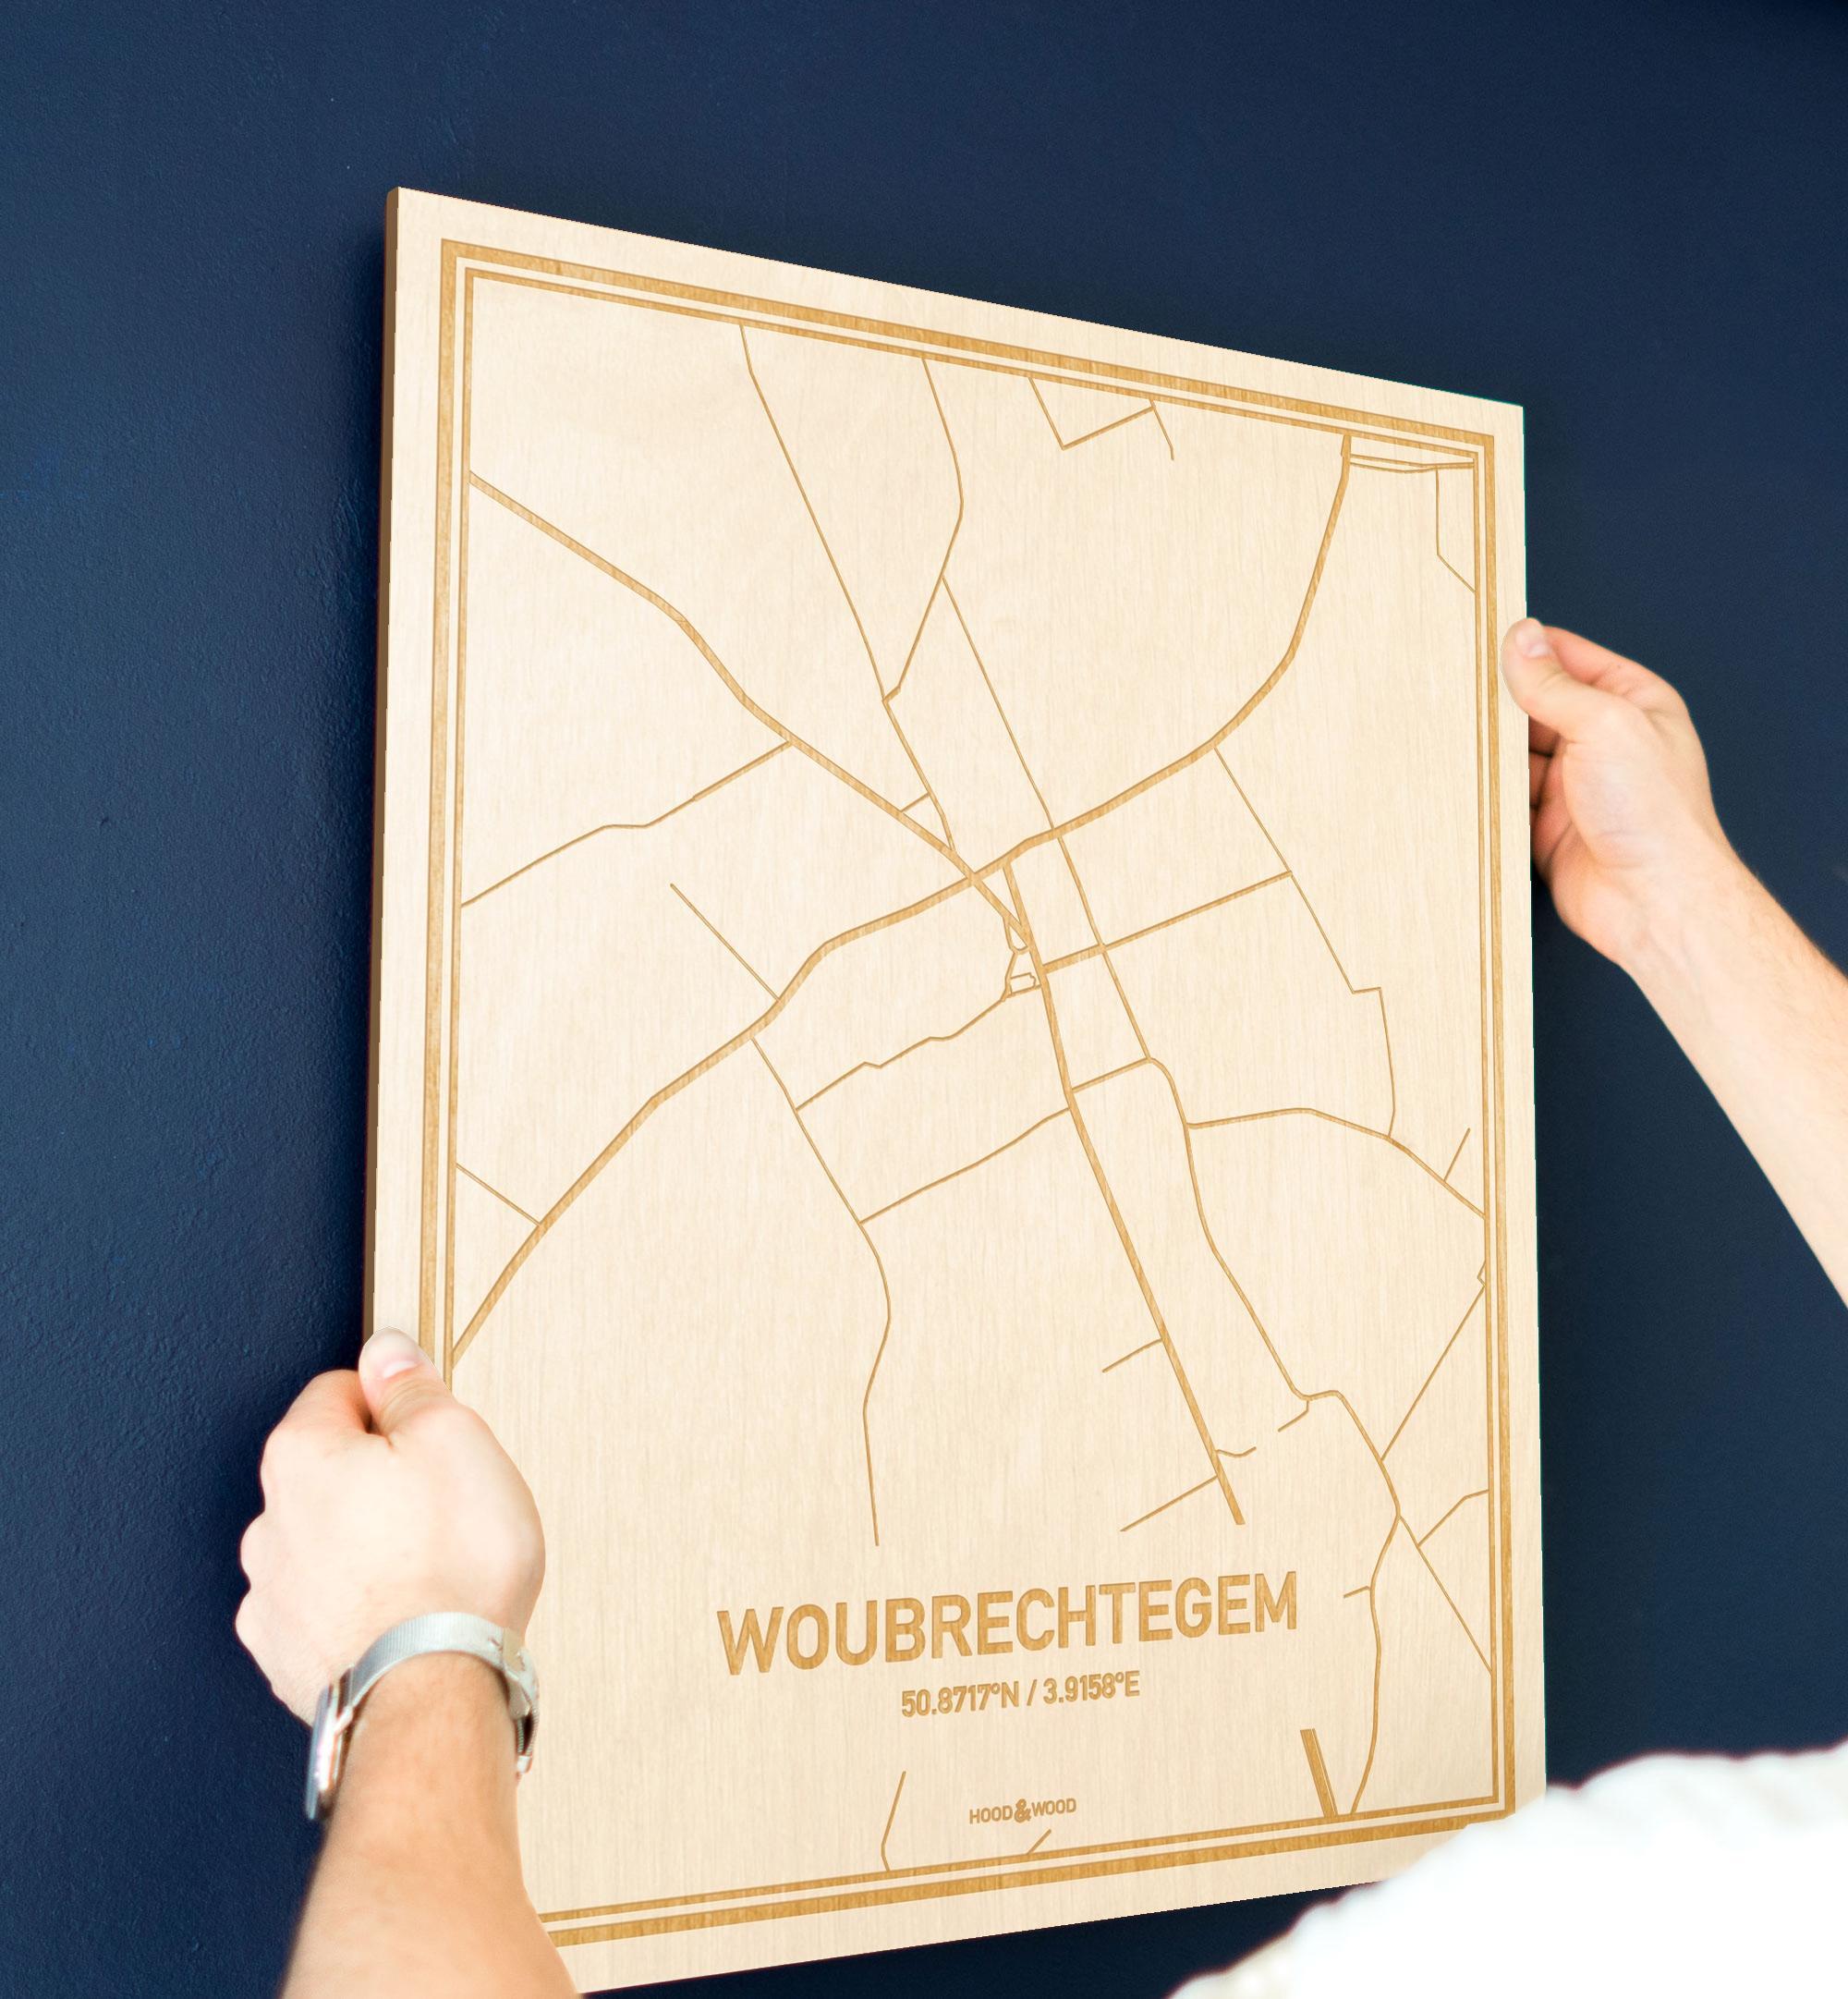 Een man hangt de houten plattegrond Woubrechtegem aan zijn blauwe muur ter decoratie. Je ziet alleen zijn handen de kaart van deze moderne in Oost-Vlaanderen  vasthouden.